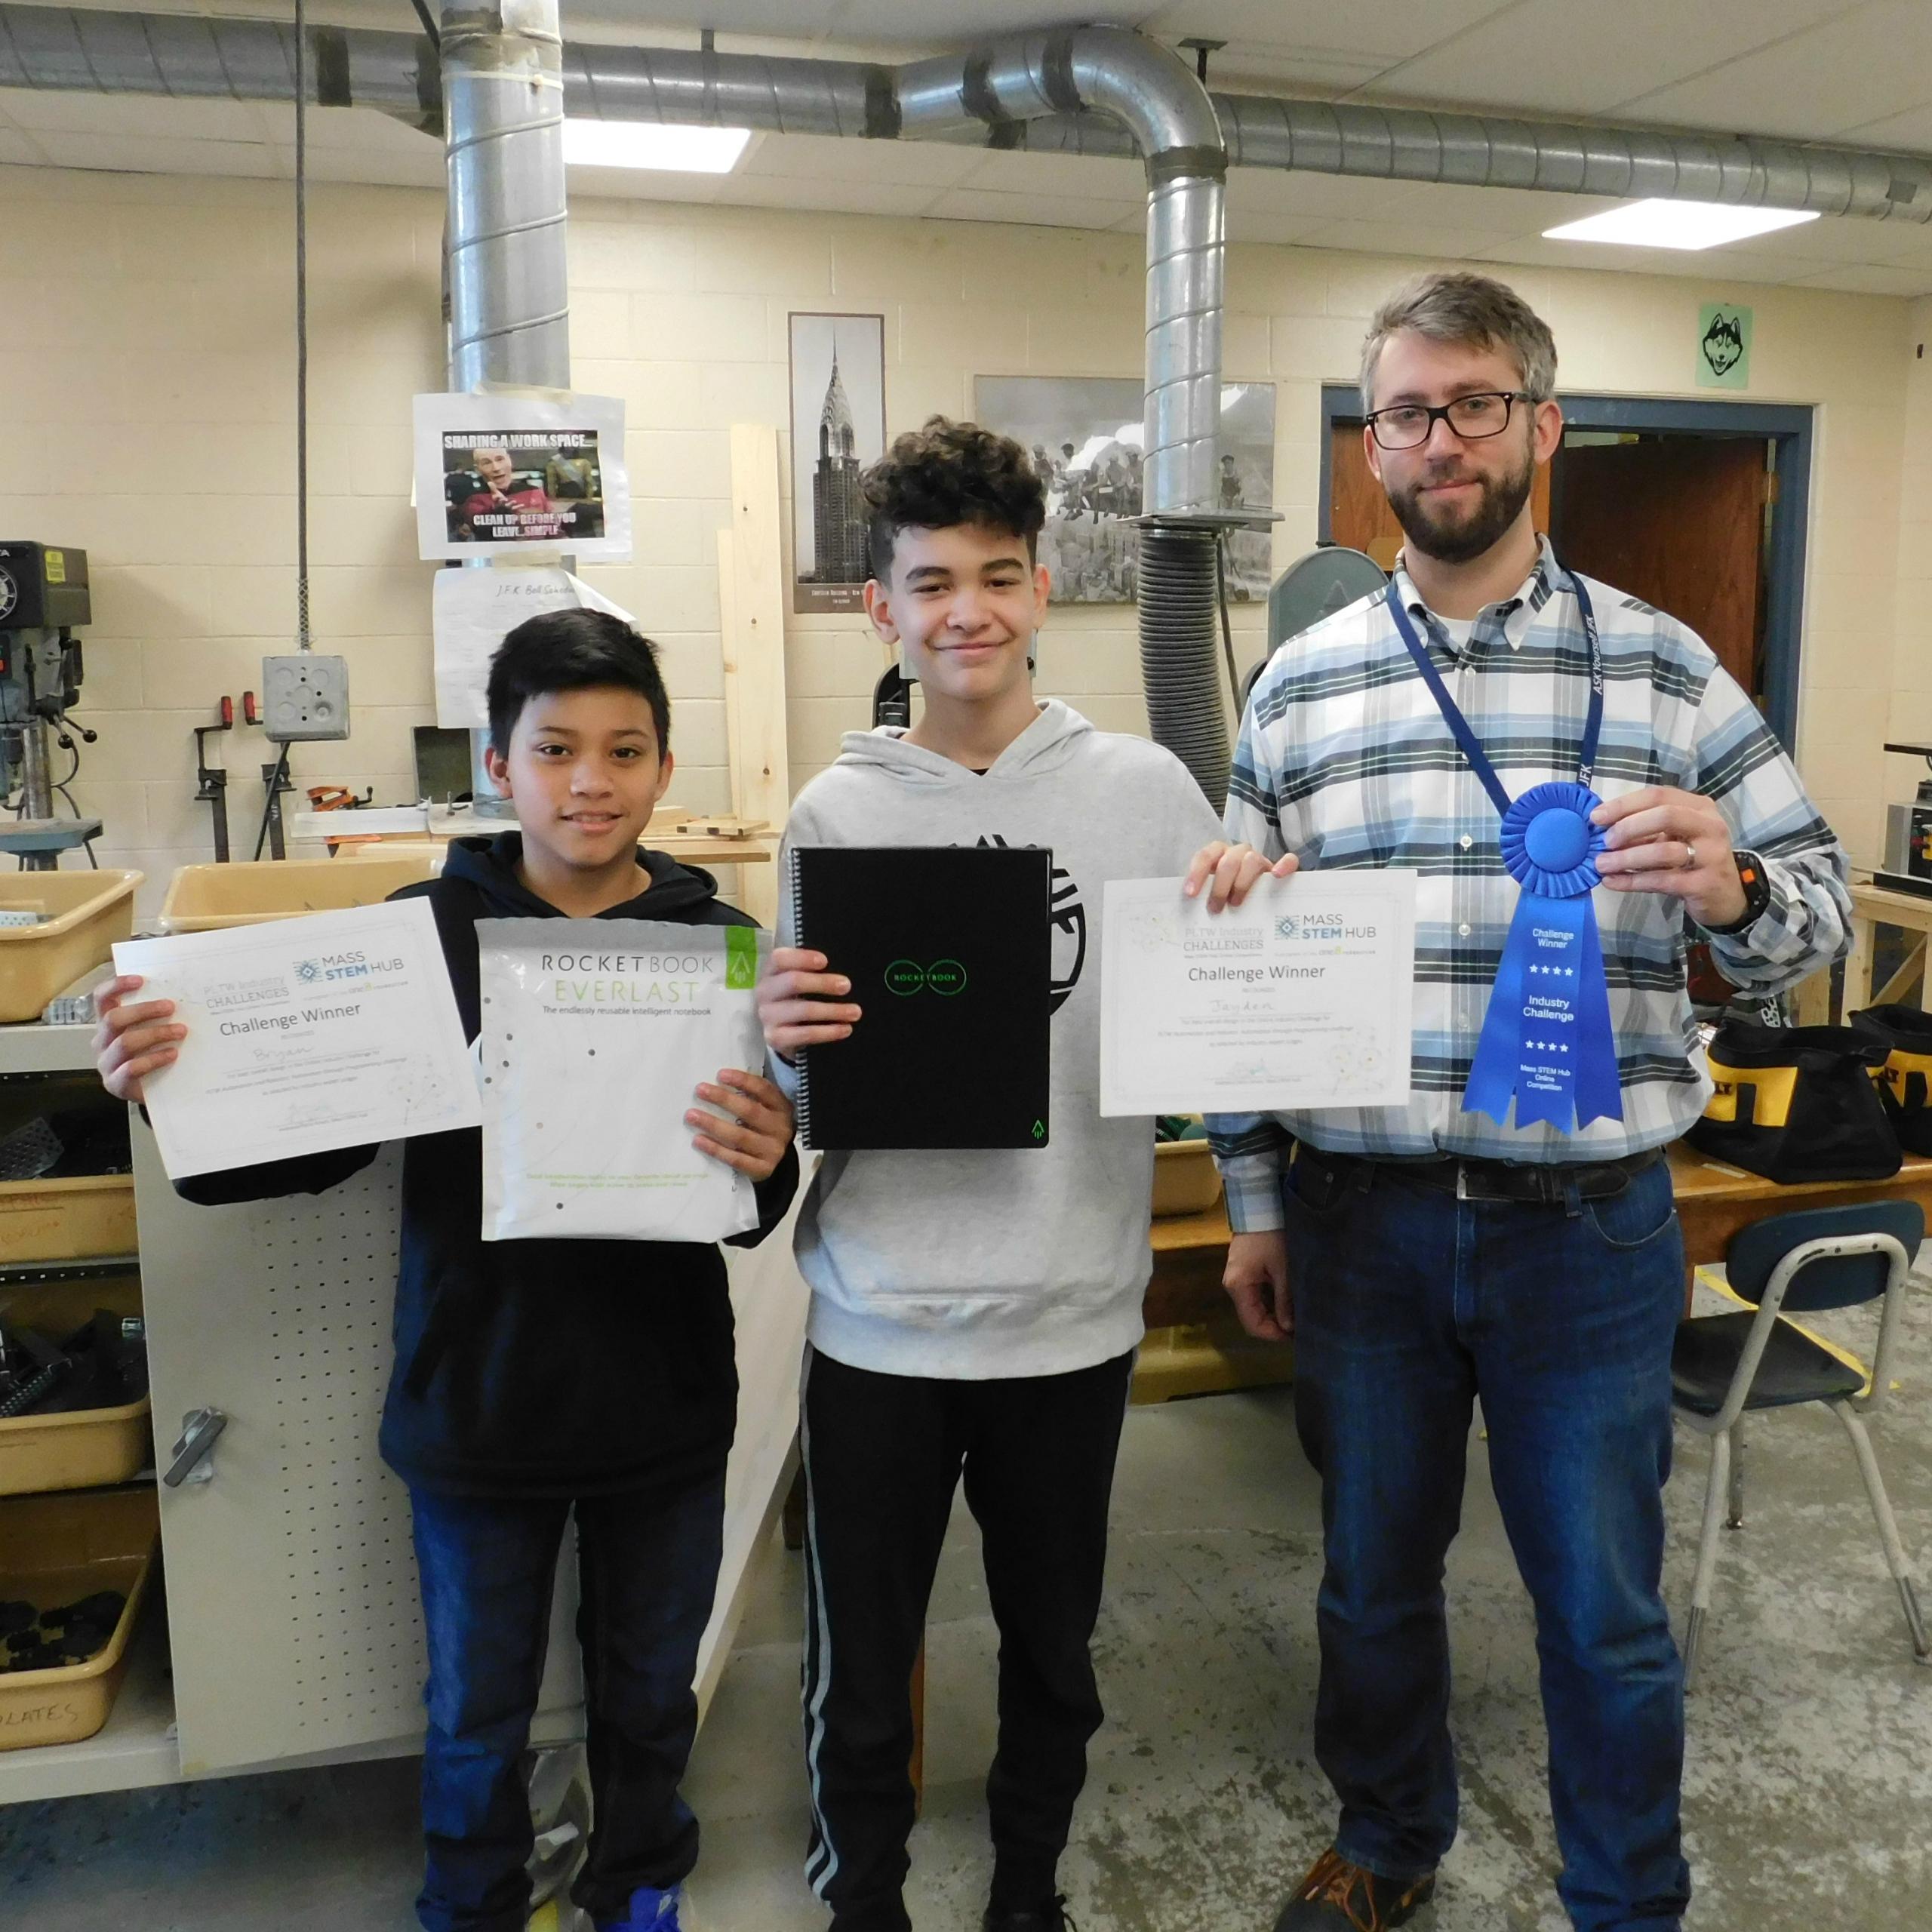 Mass STEM Hub – Winners